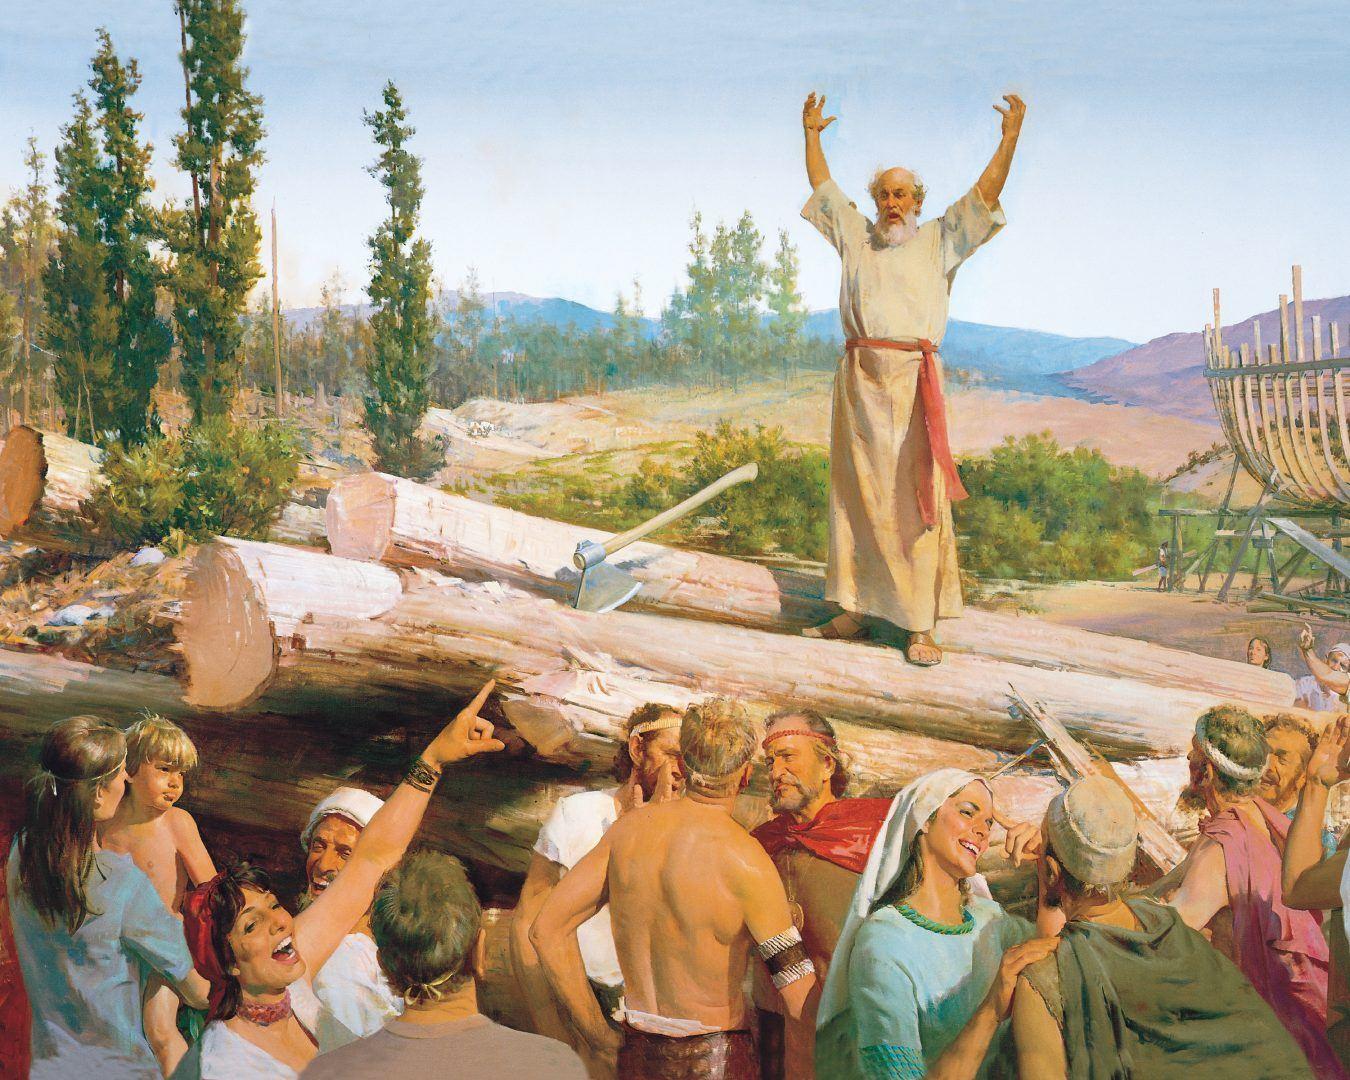 Noah had Social Reach